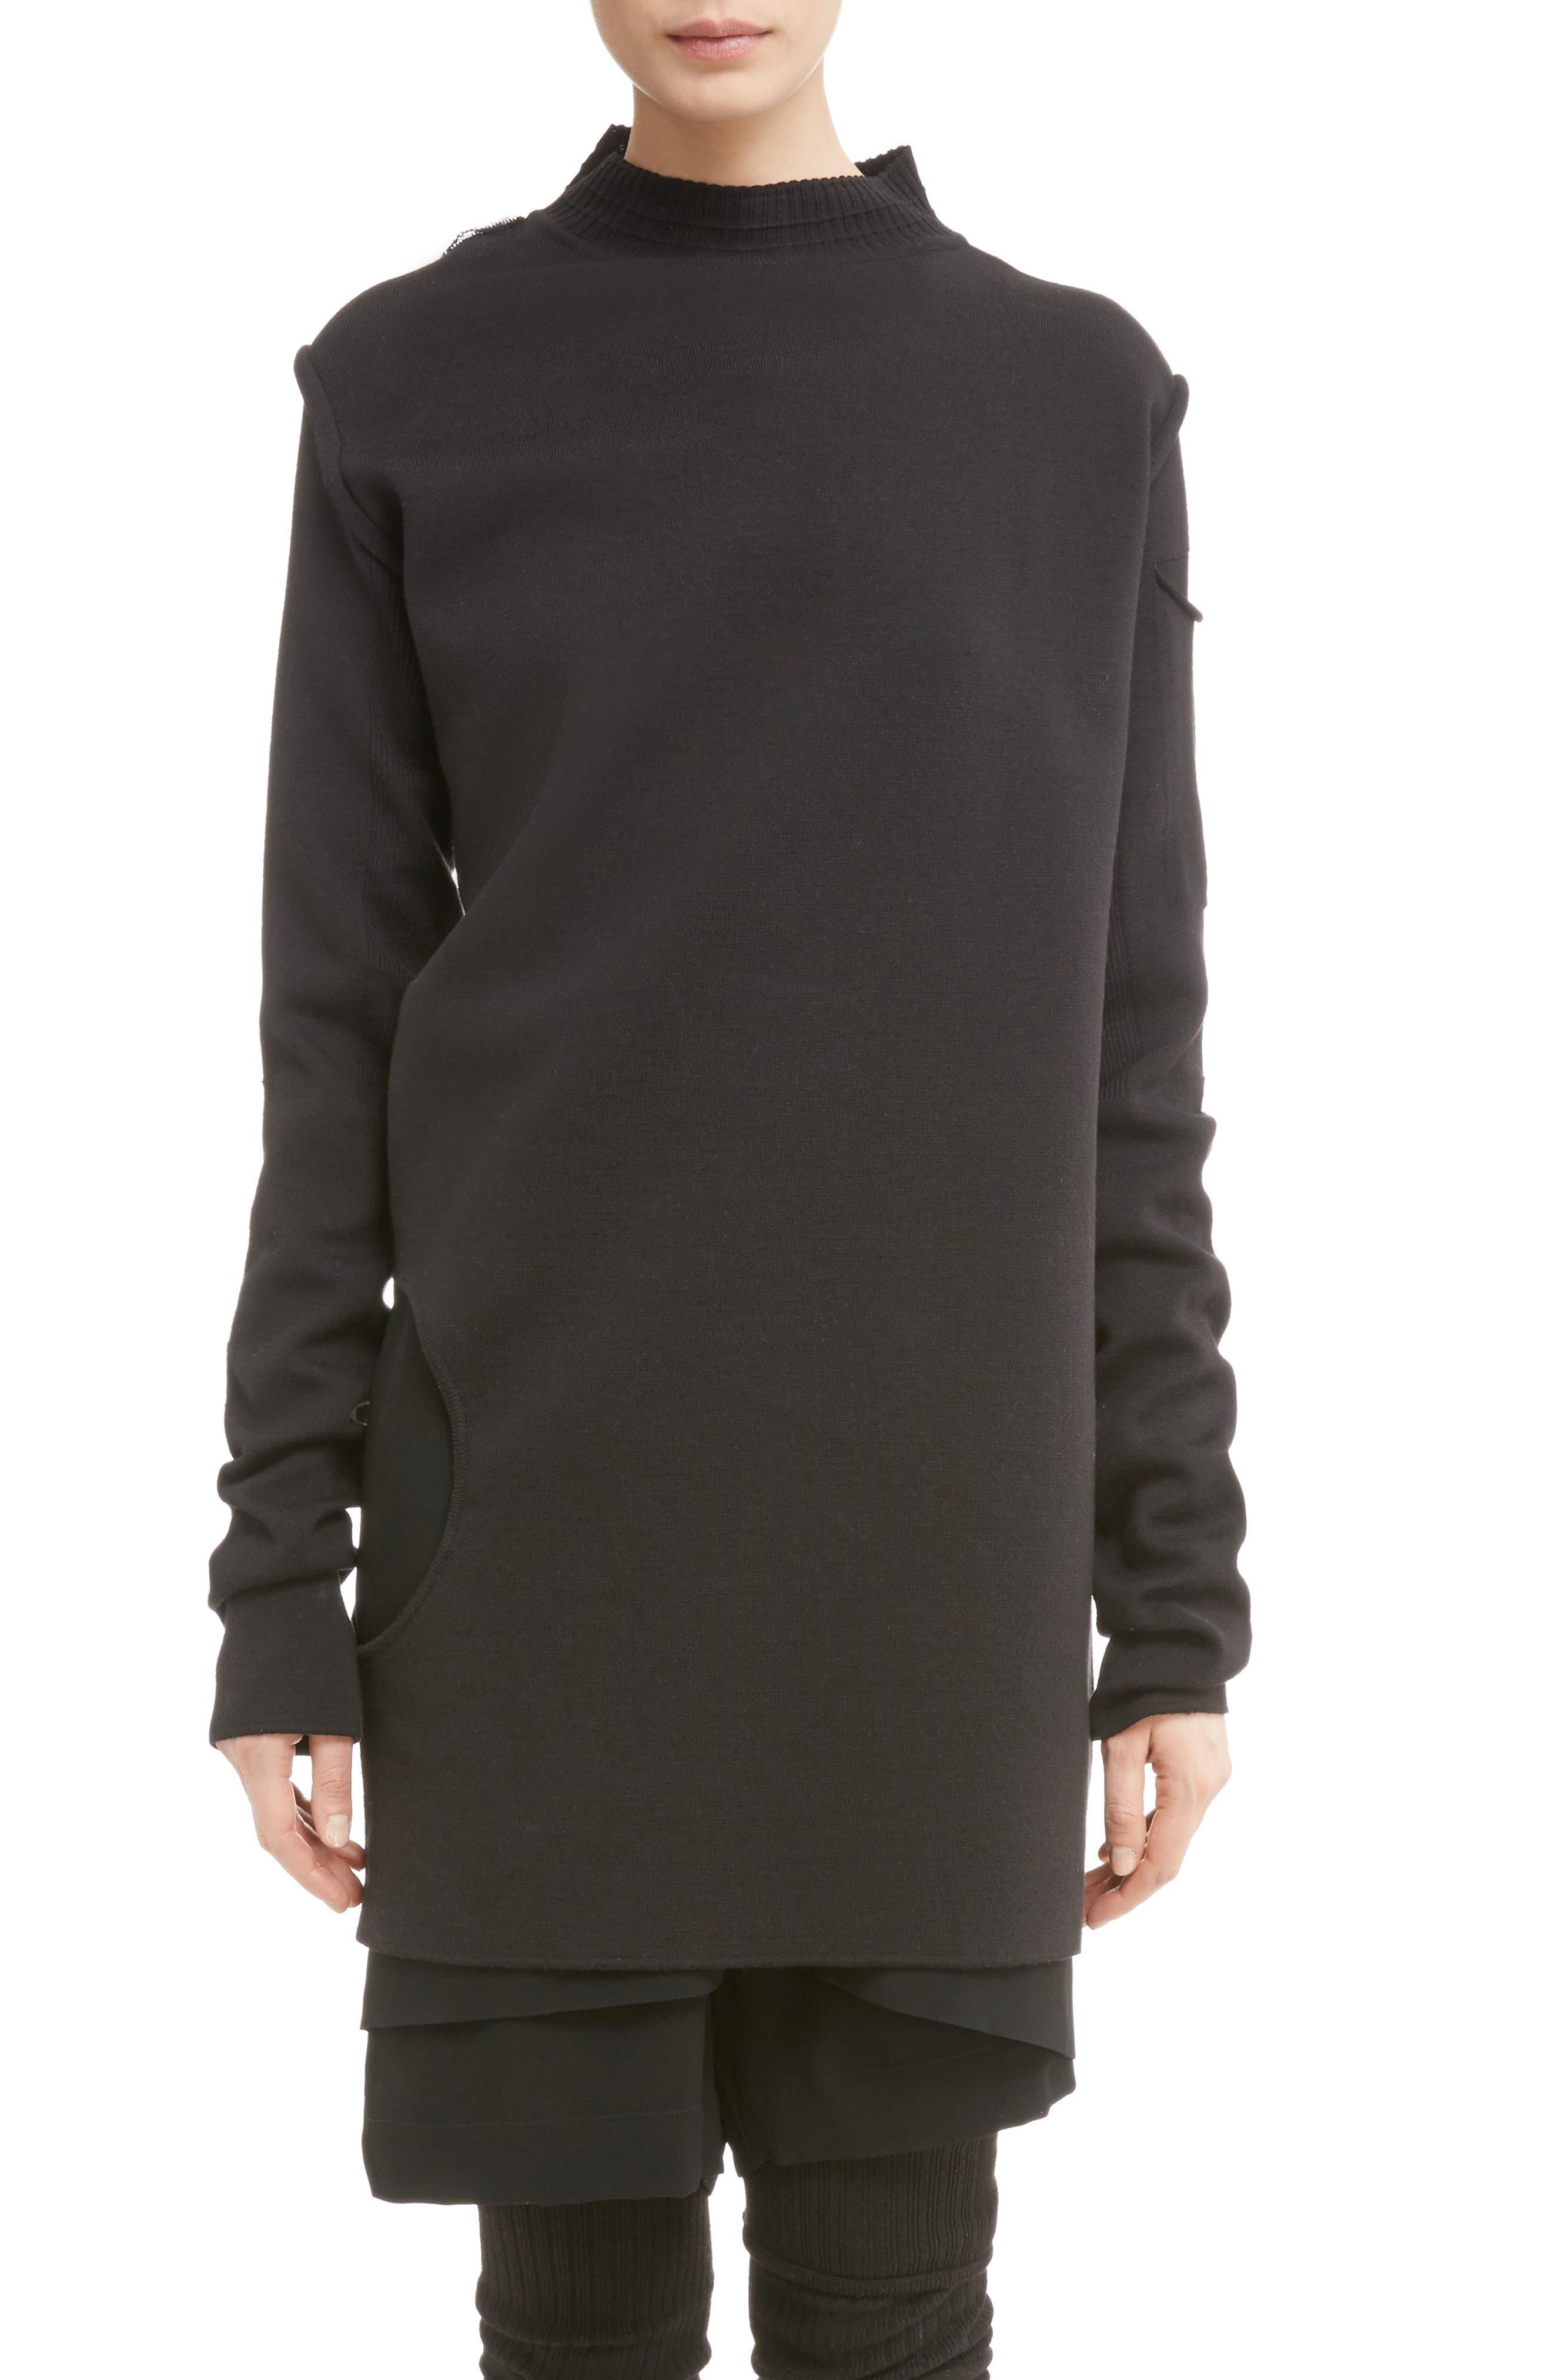 Main Image - Rick Owens Subhuman Merino Wool Convertible Sweater